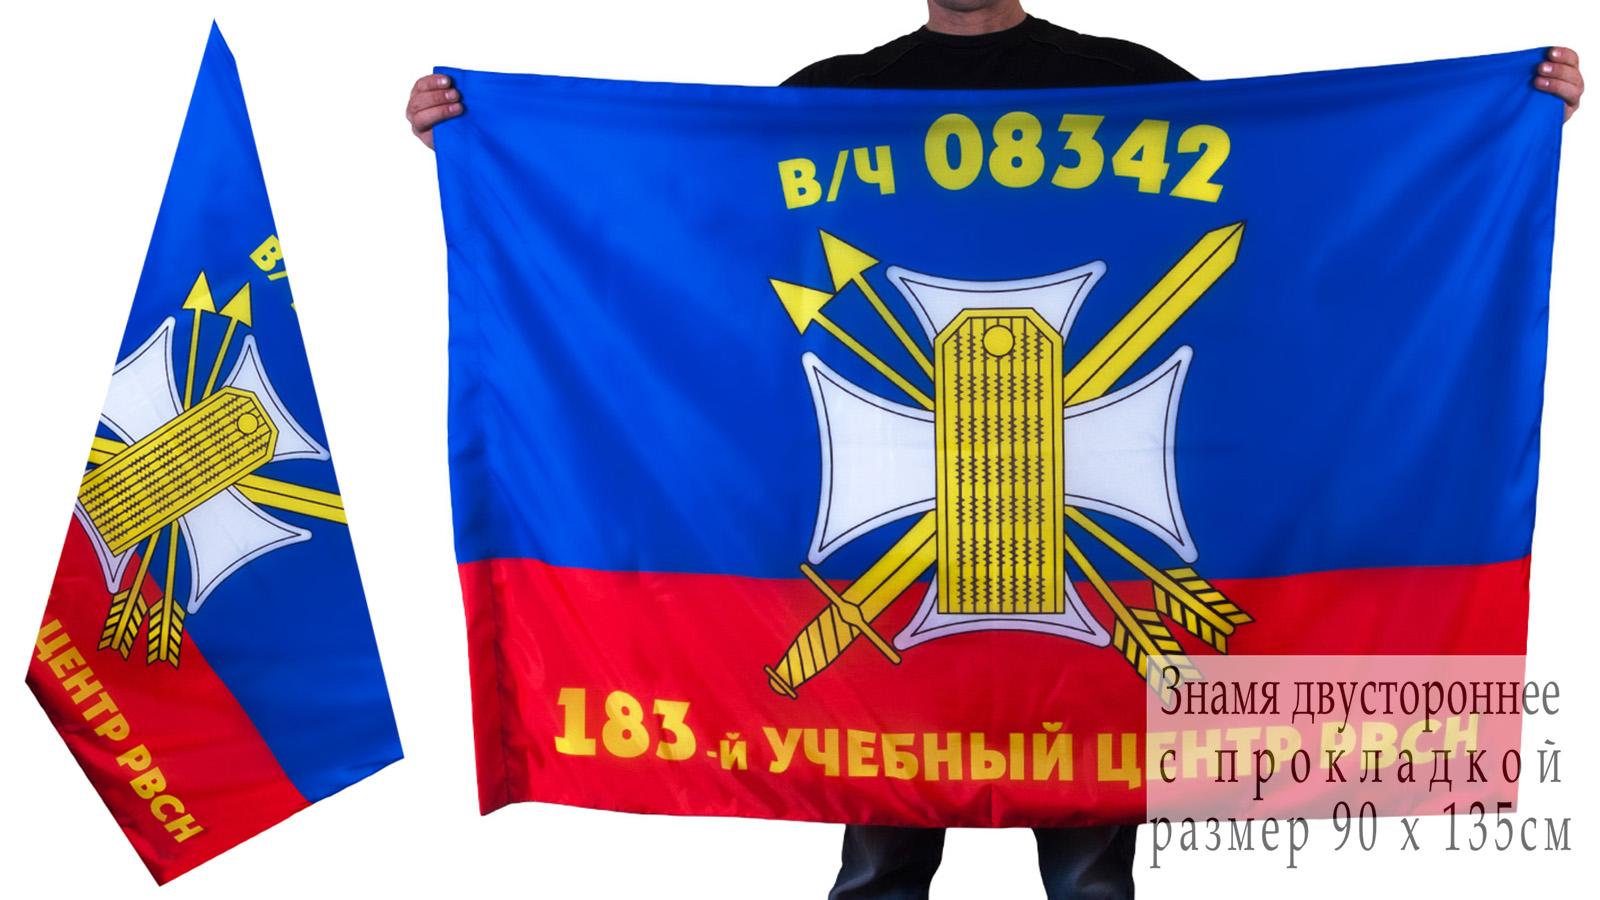 Знамя 183-го Учебного центра РВСН